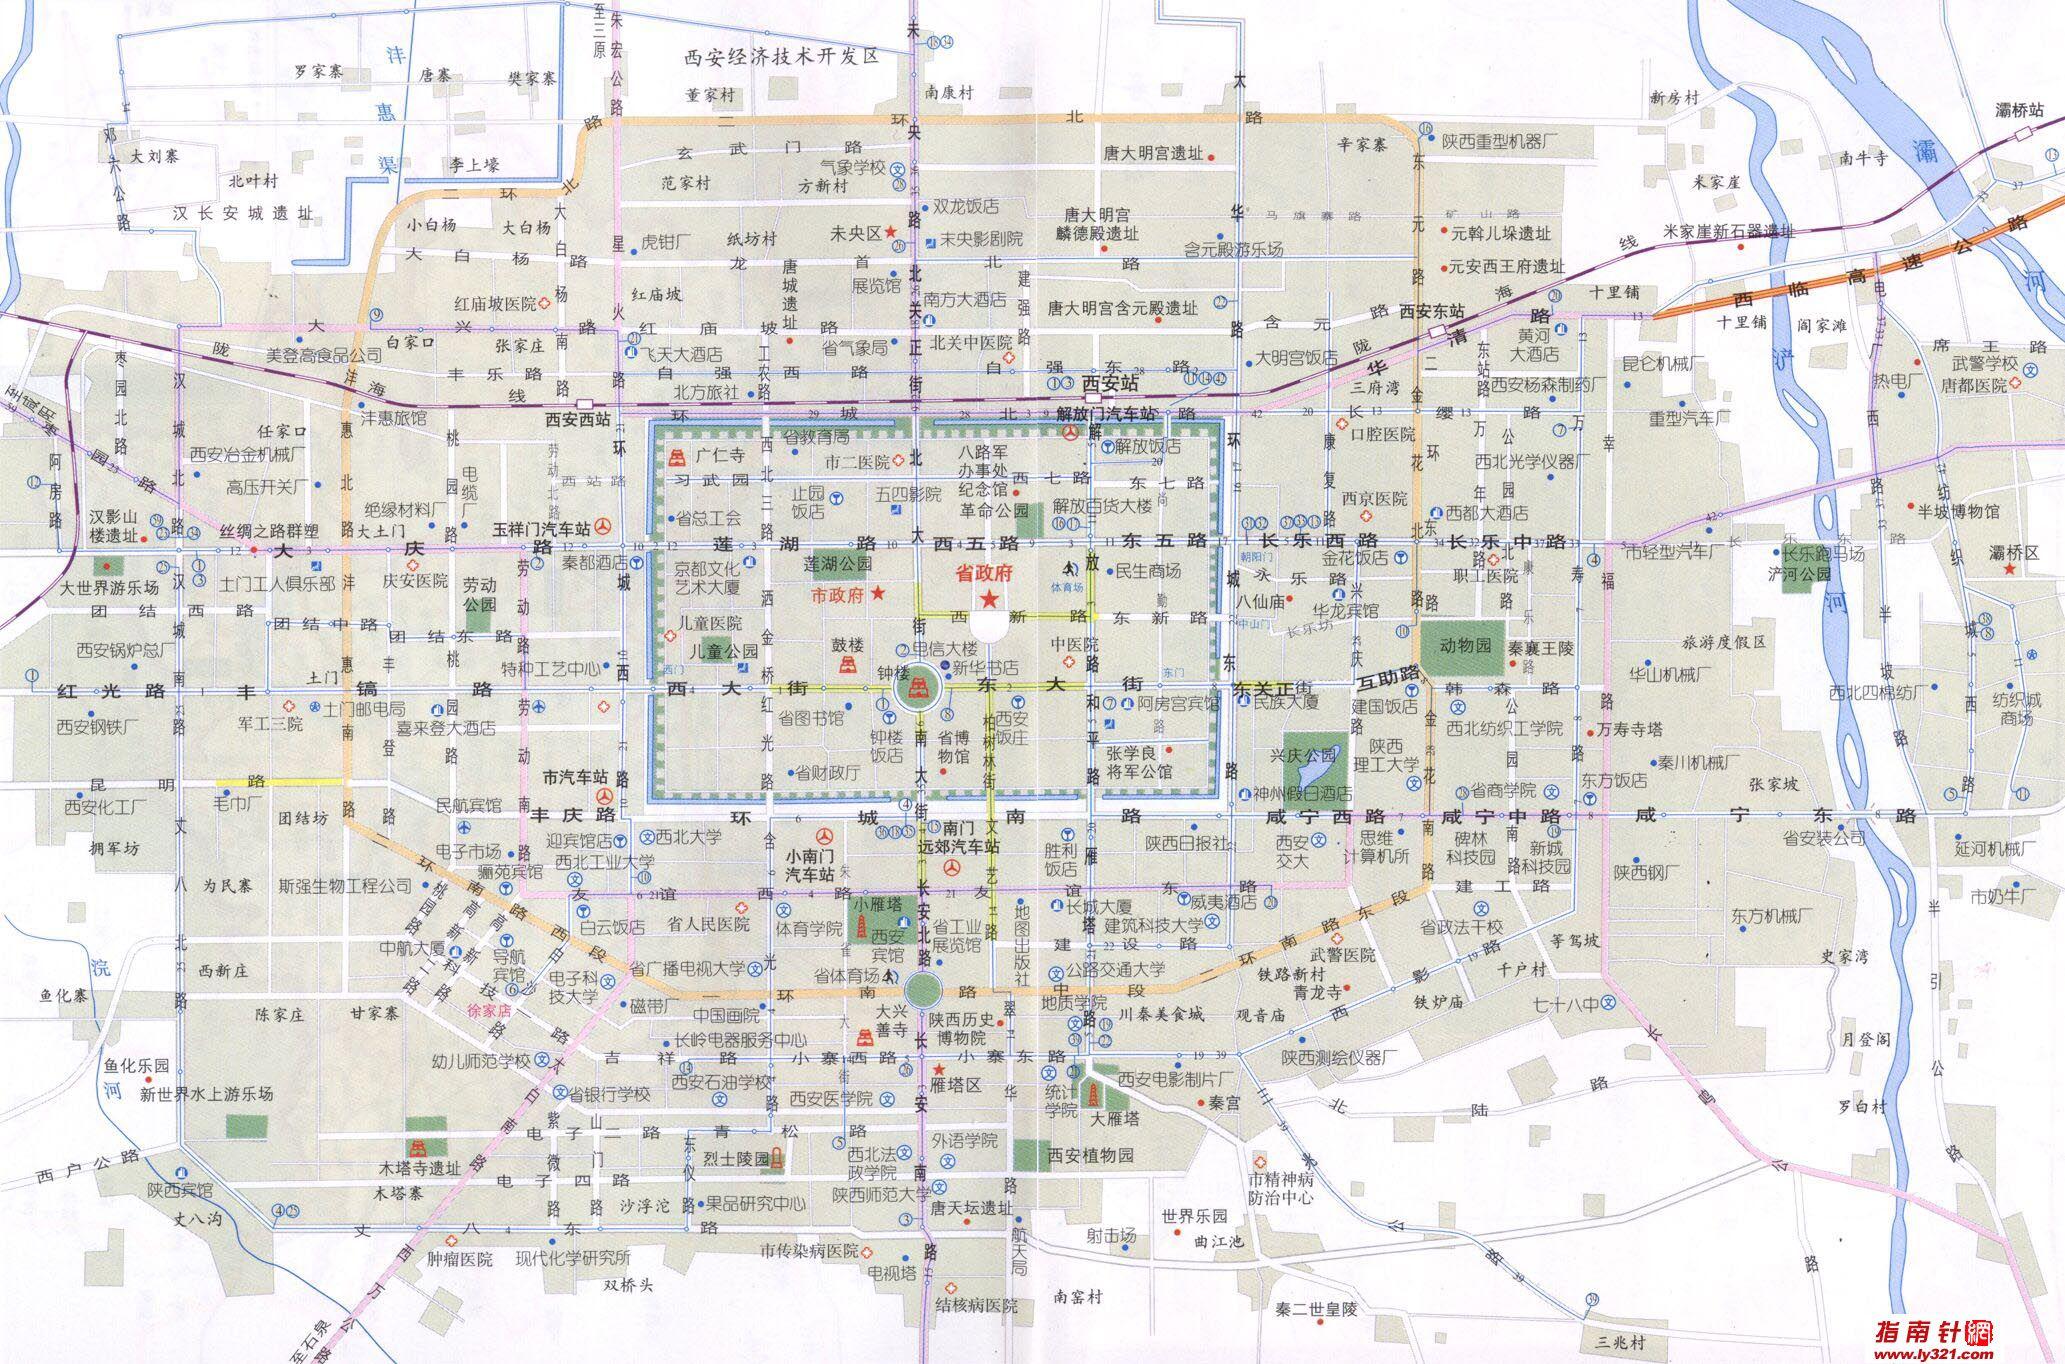 西安市旅游景点地图_